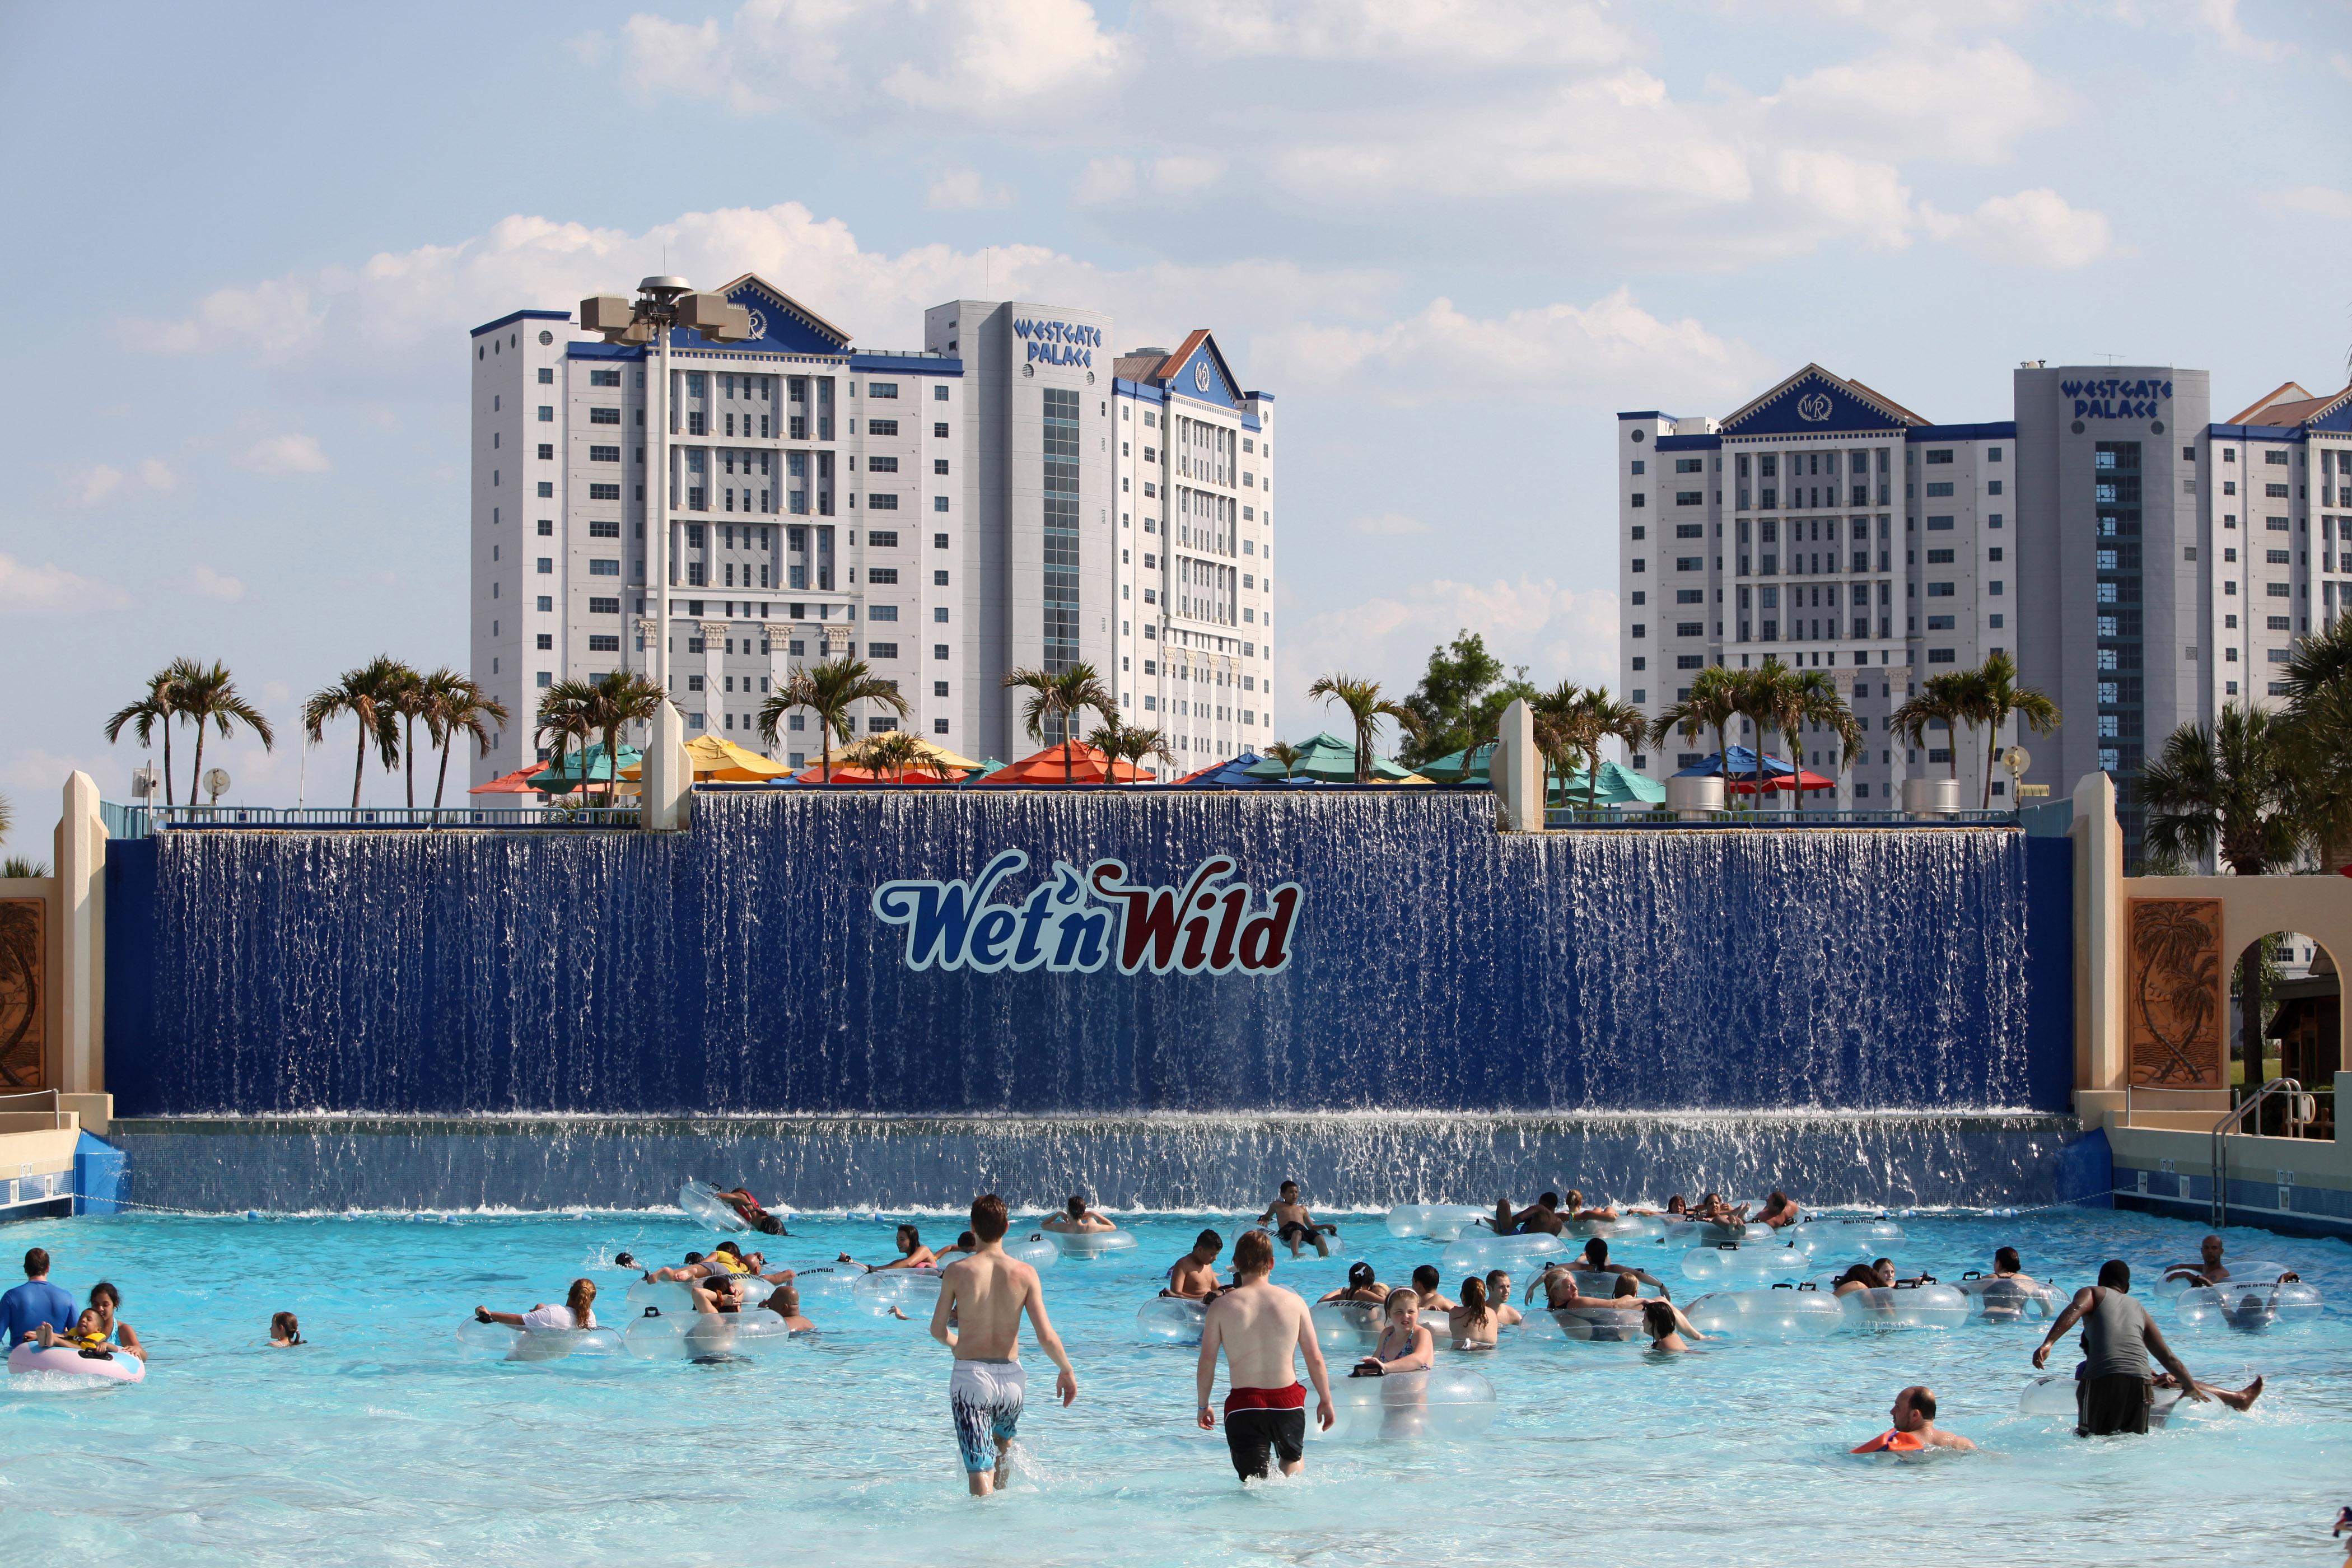 Wet'n'Wild park in Orlando